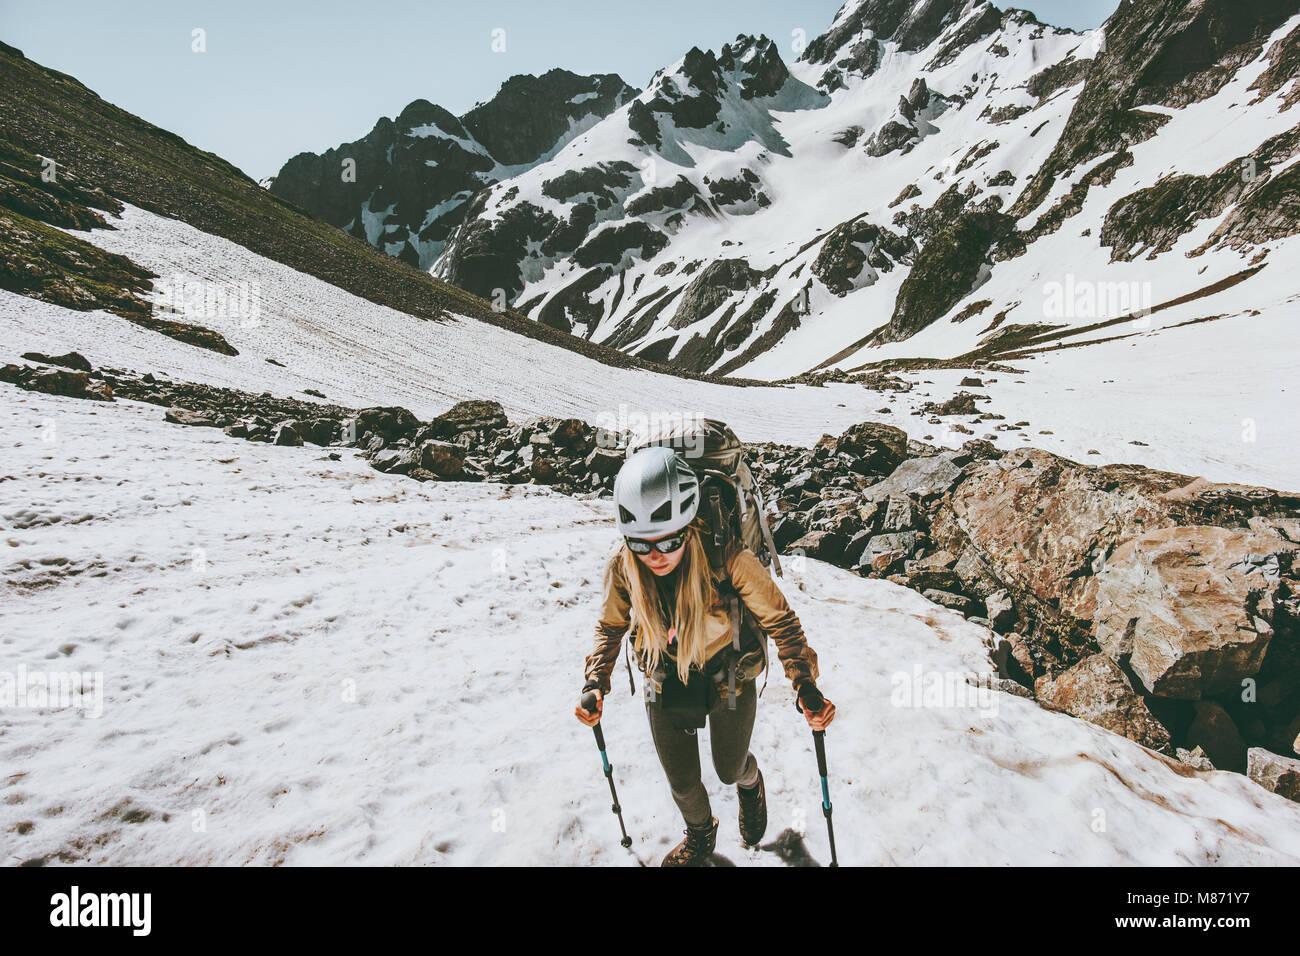 Mujer activa escalar montañas nevadas en concepto de aventura en el estilo de vida de Viajes Vacaciones extremas Imagen De Stock